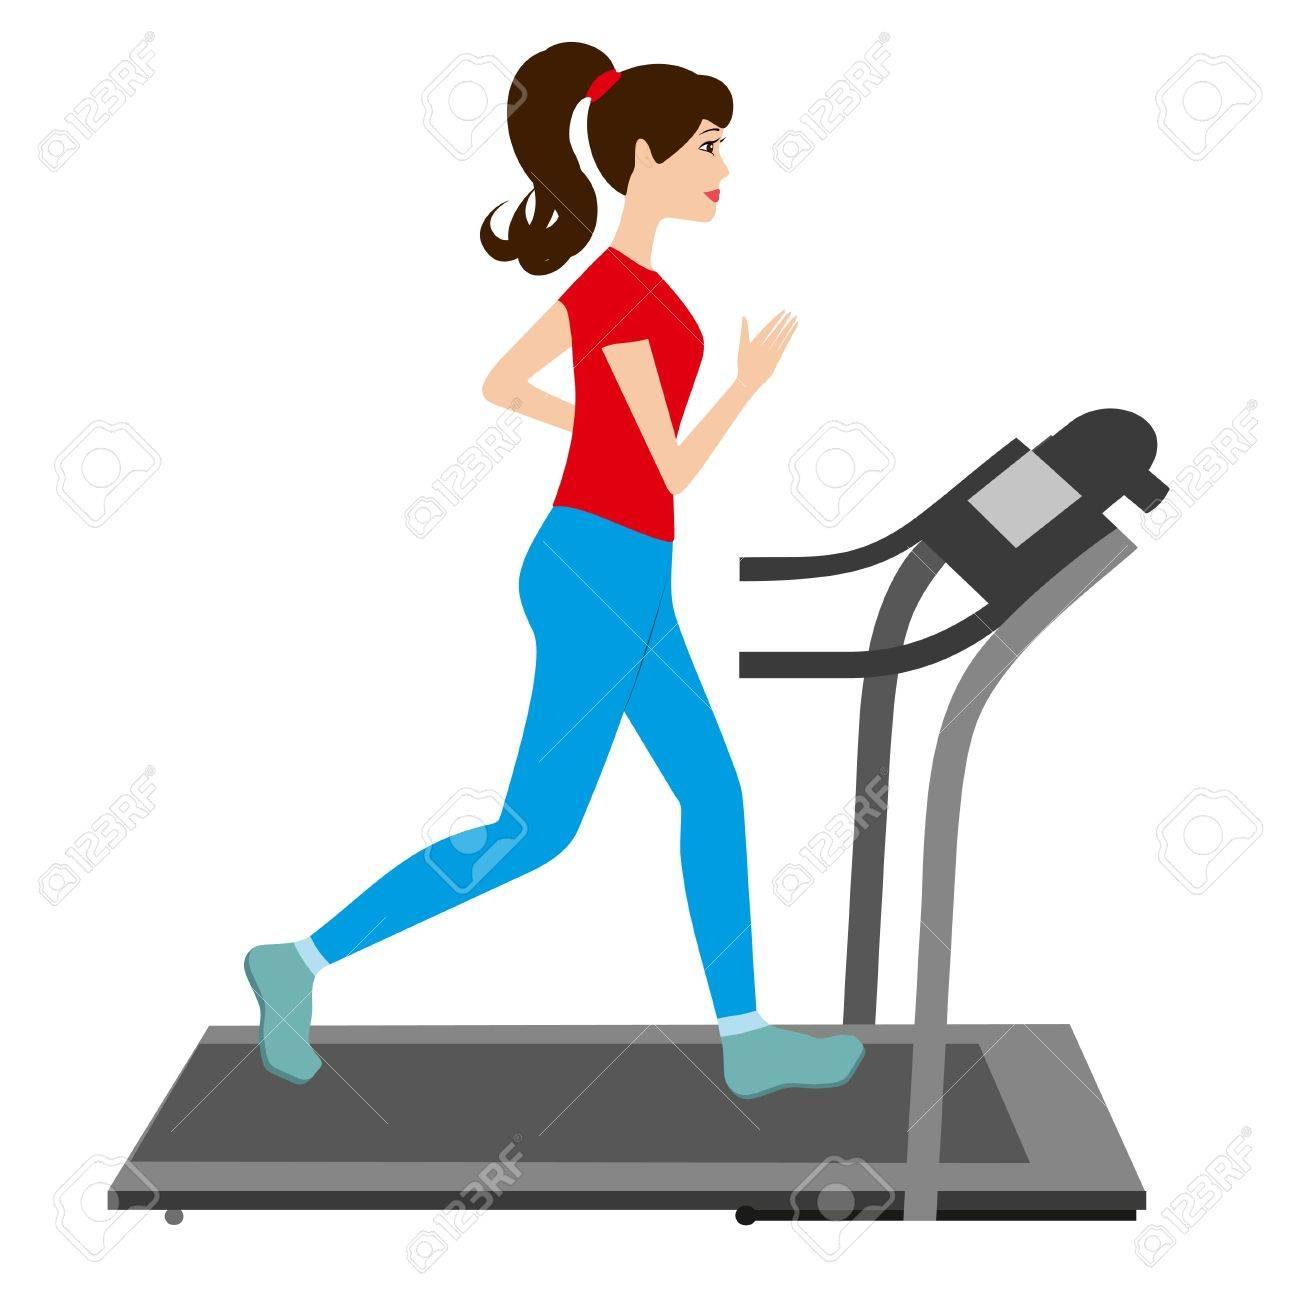 jeune femme court sur un tapis roulant entraineur sportif jeune fille tapis roulant courir illustration vectorielle